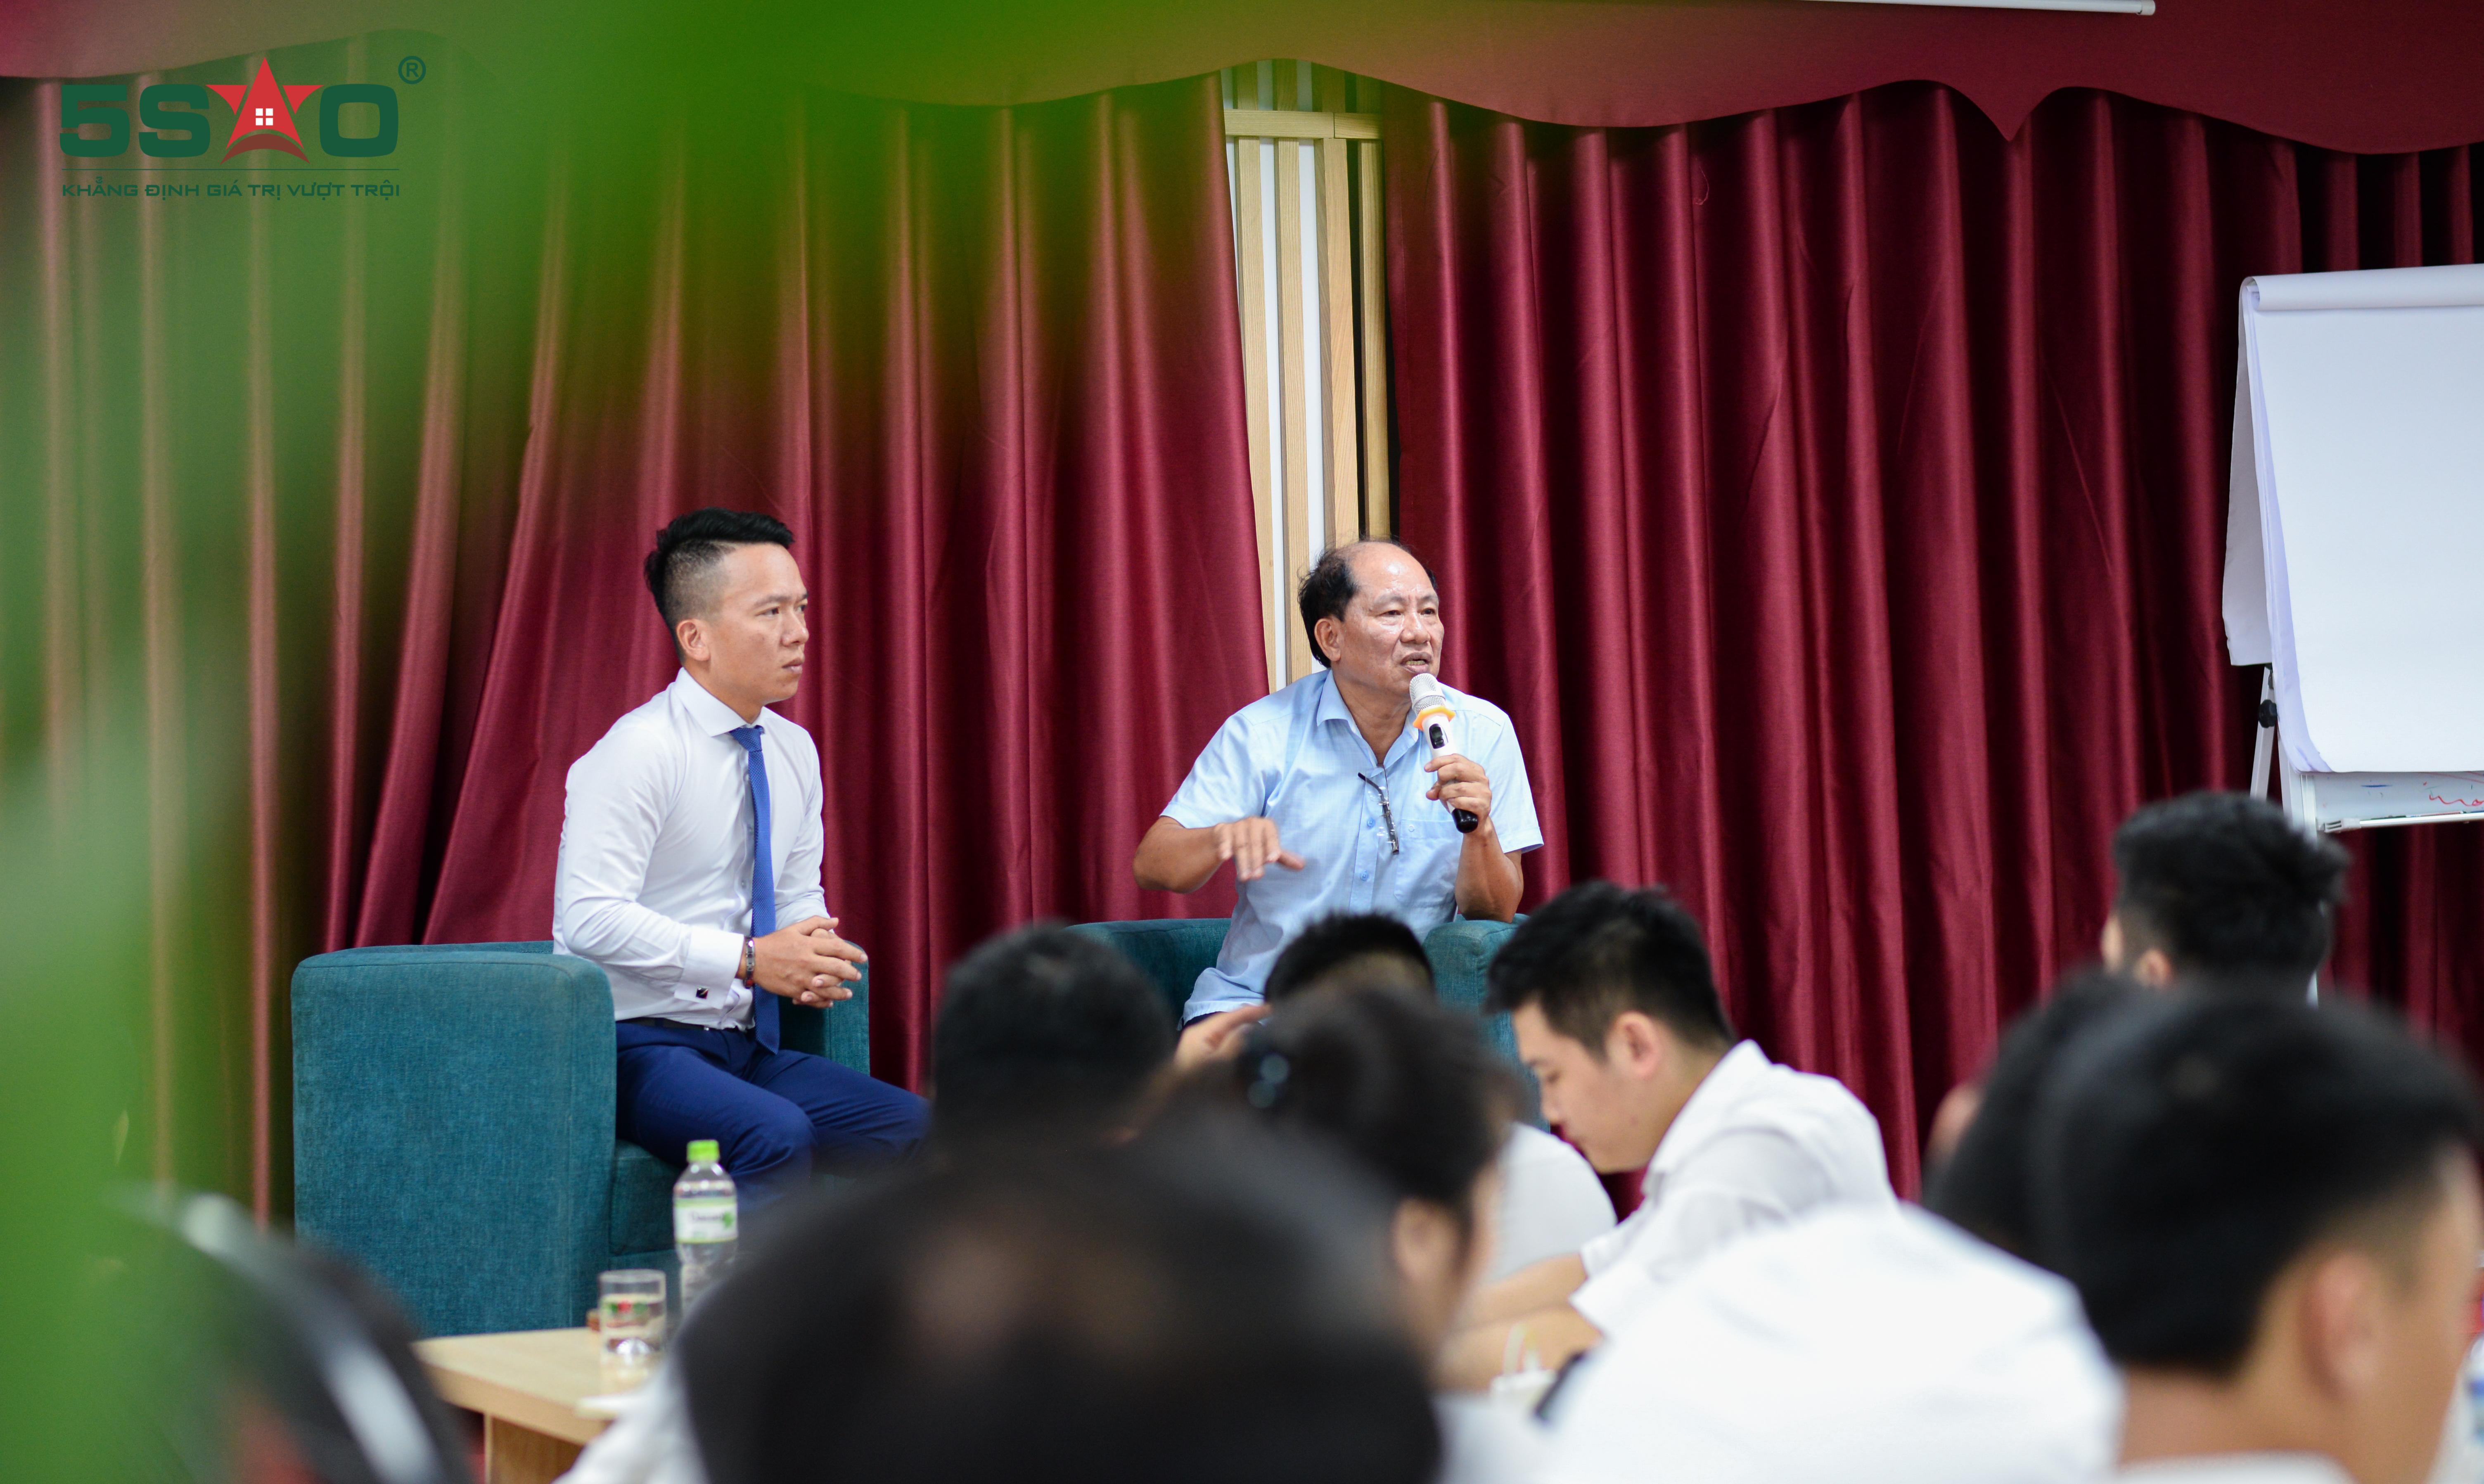 """Marketing doanh nghiệp từ hành trình """"biến quà vặt thành tinh hoa"""" của CEO ô mai Hồng Lam"""